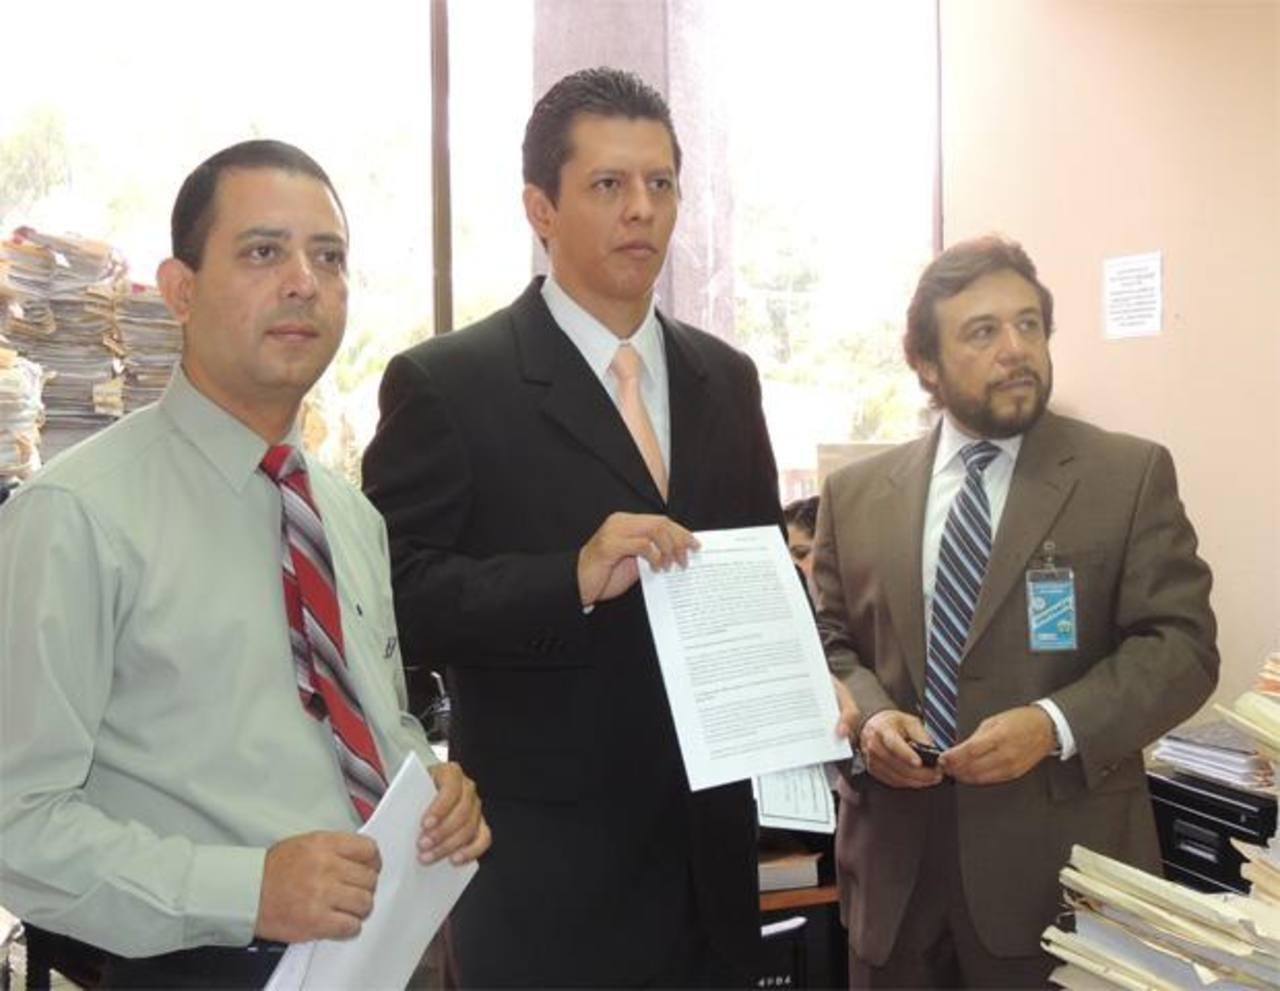 Los abogados consideran que la Sala de lo Contencioso no es competente para resolver legalidad de elección. Foto EDH